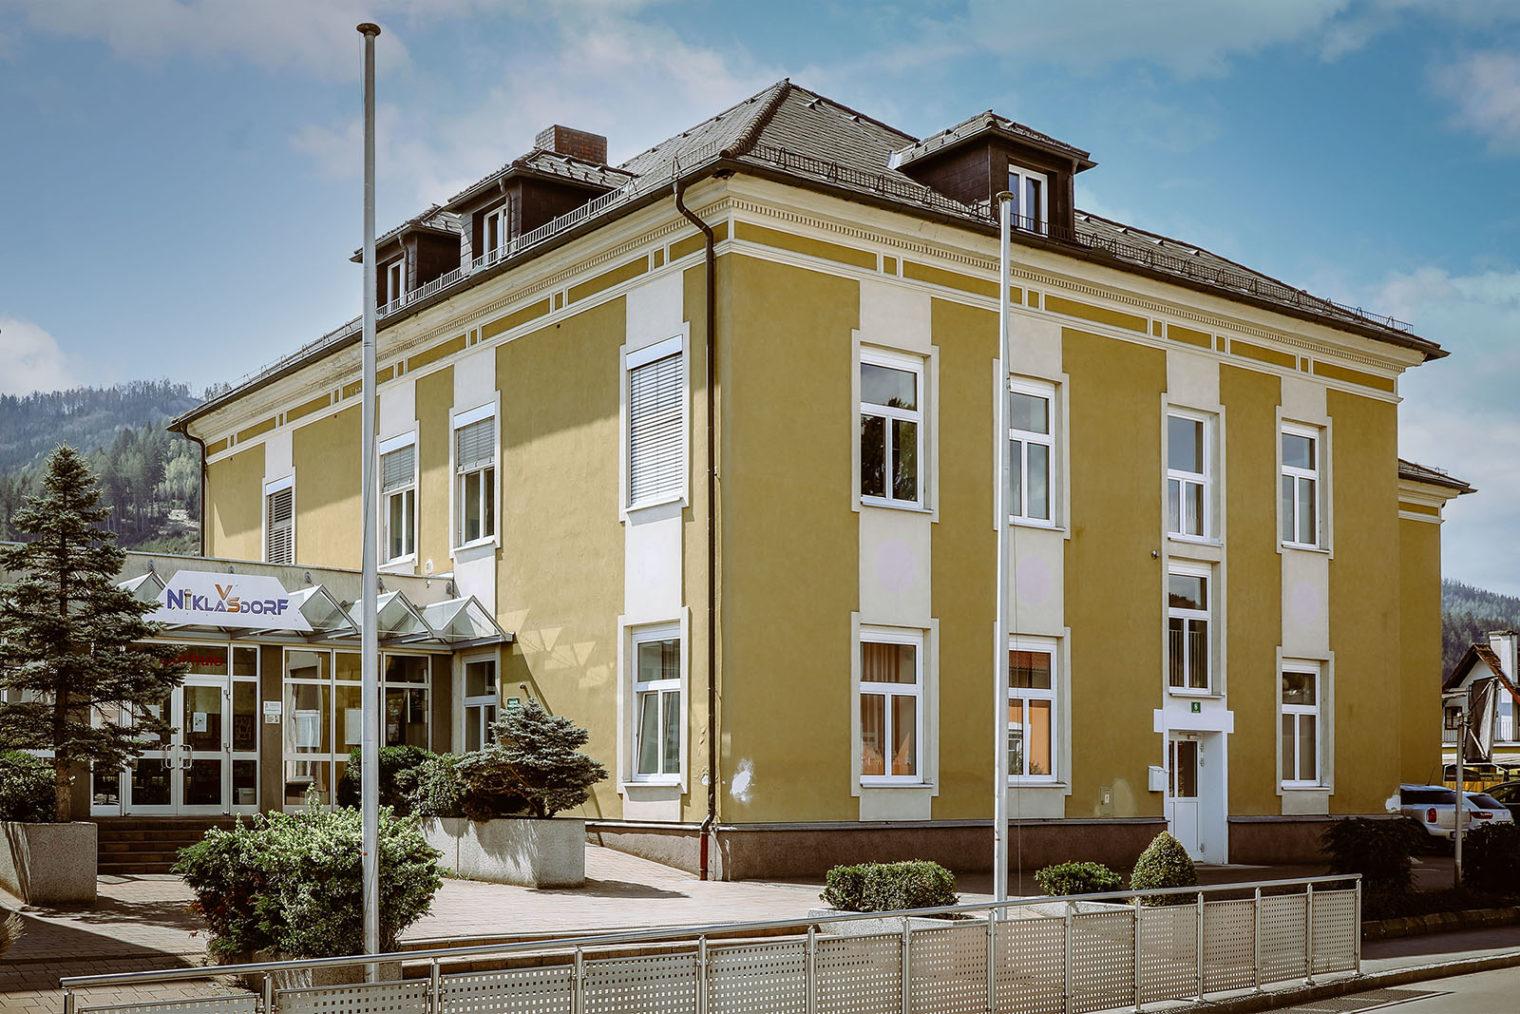 Außenaufnahme der Volksschule Niklasdorf